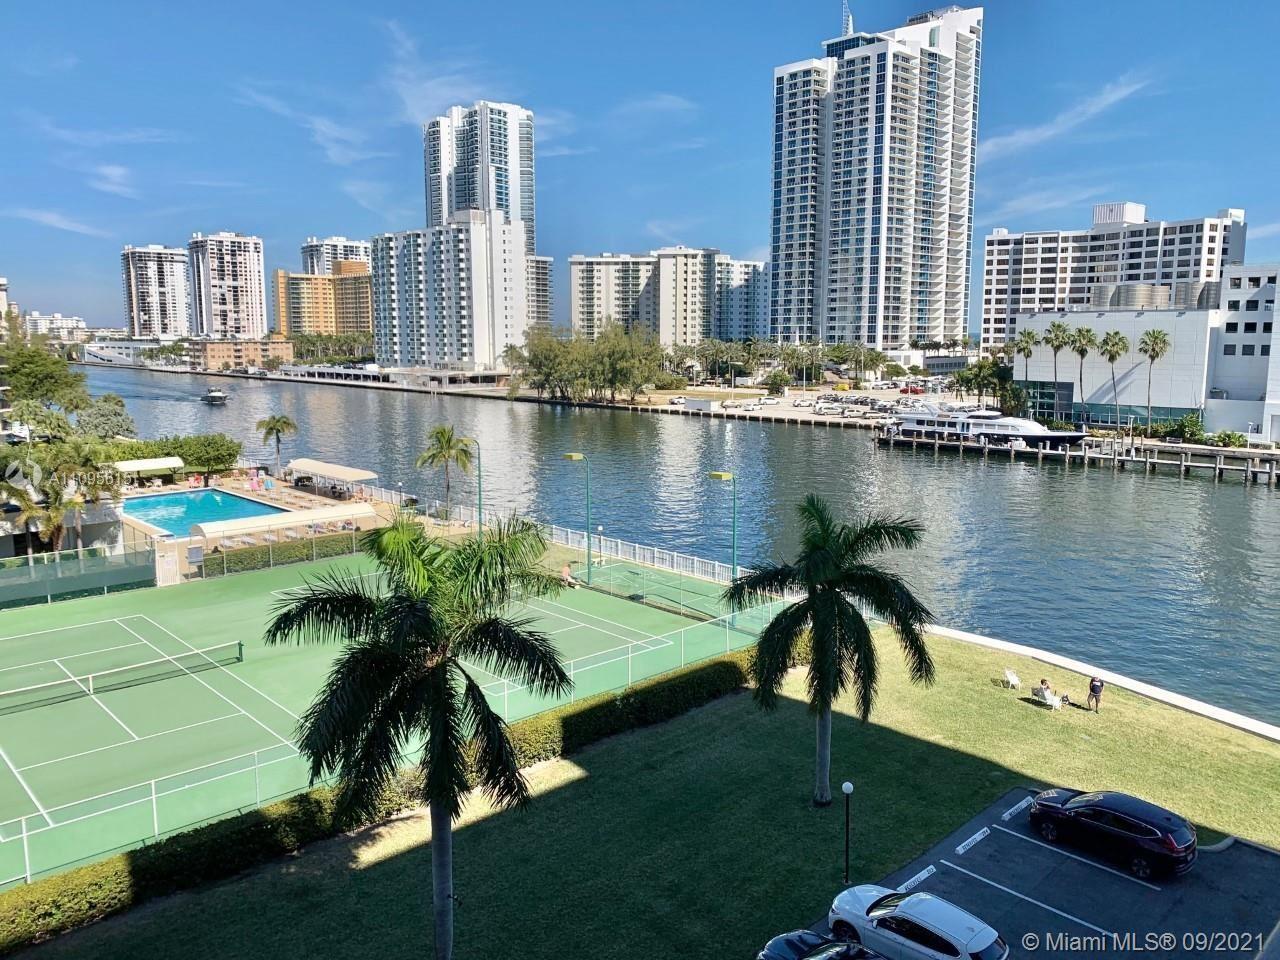 400 Leslie Dr #619, Hallandale Beach, FL 33009 - #: A11095615